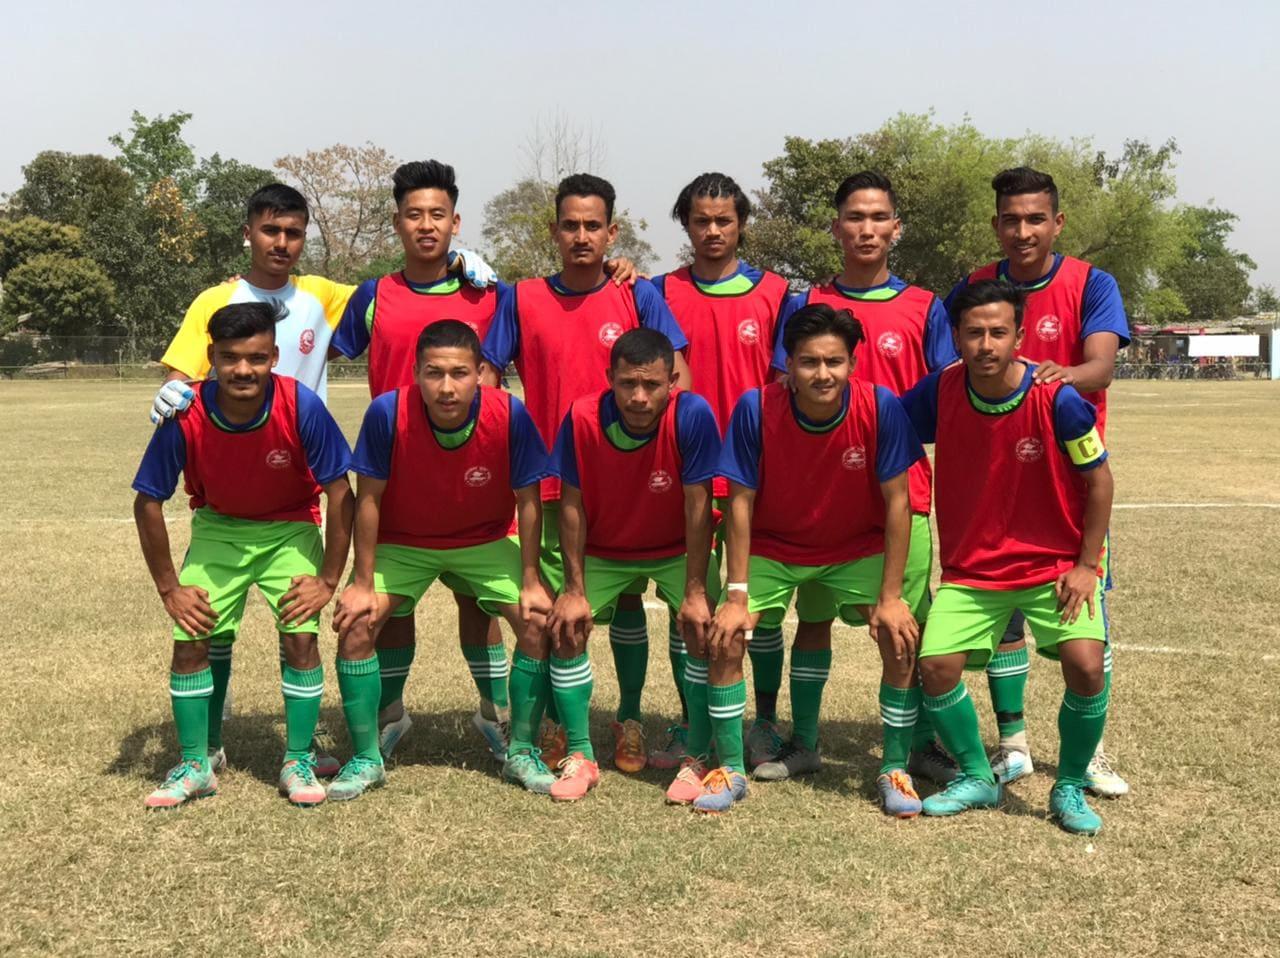 धनगढी मेयर-उपमेयर कप : वडा नम्बर ४, १२, १४, १६ र १९ विजयी